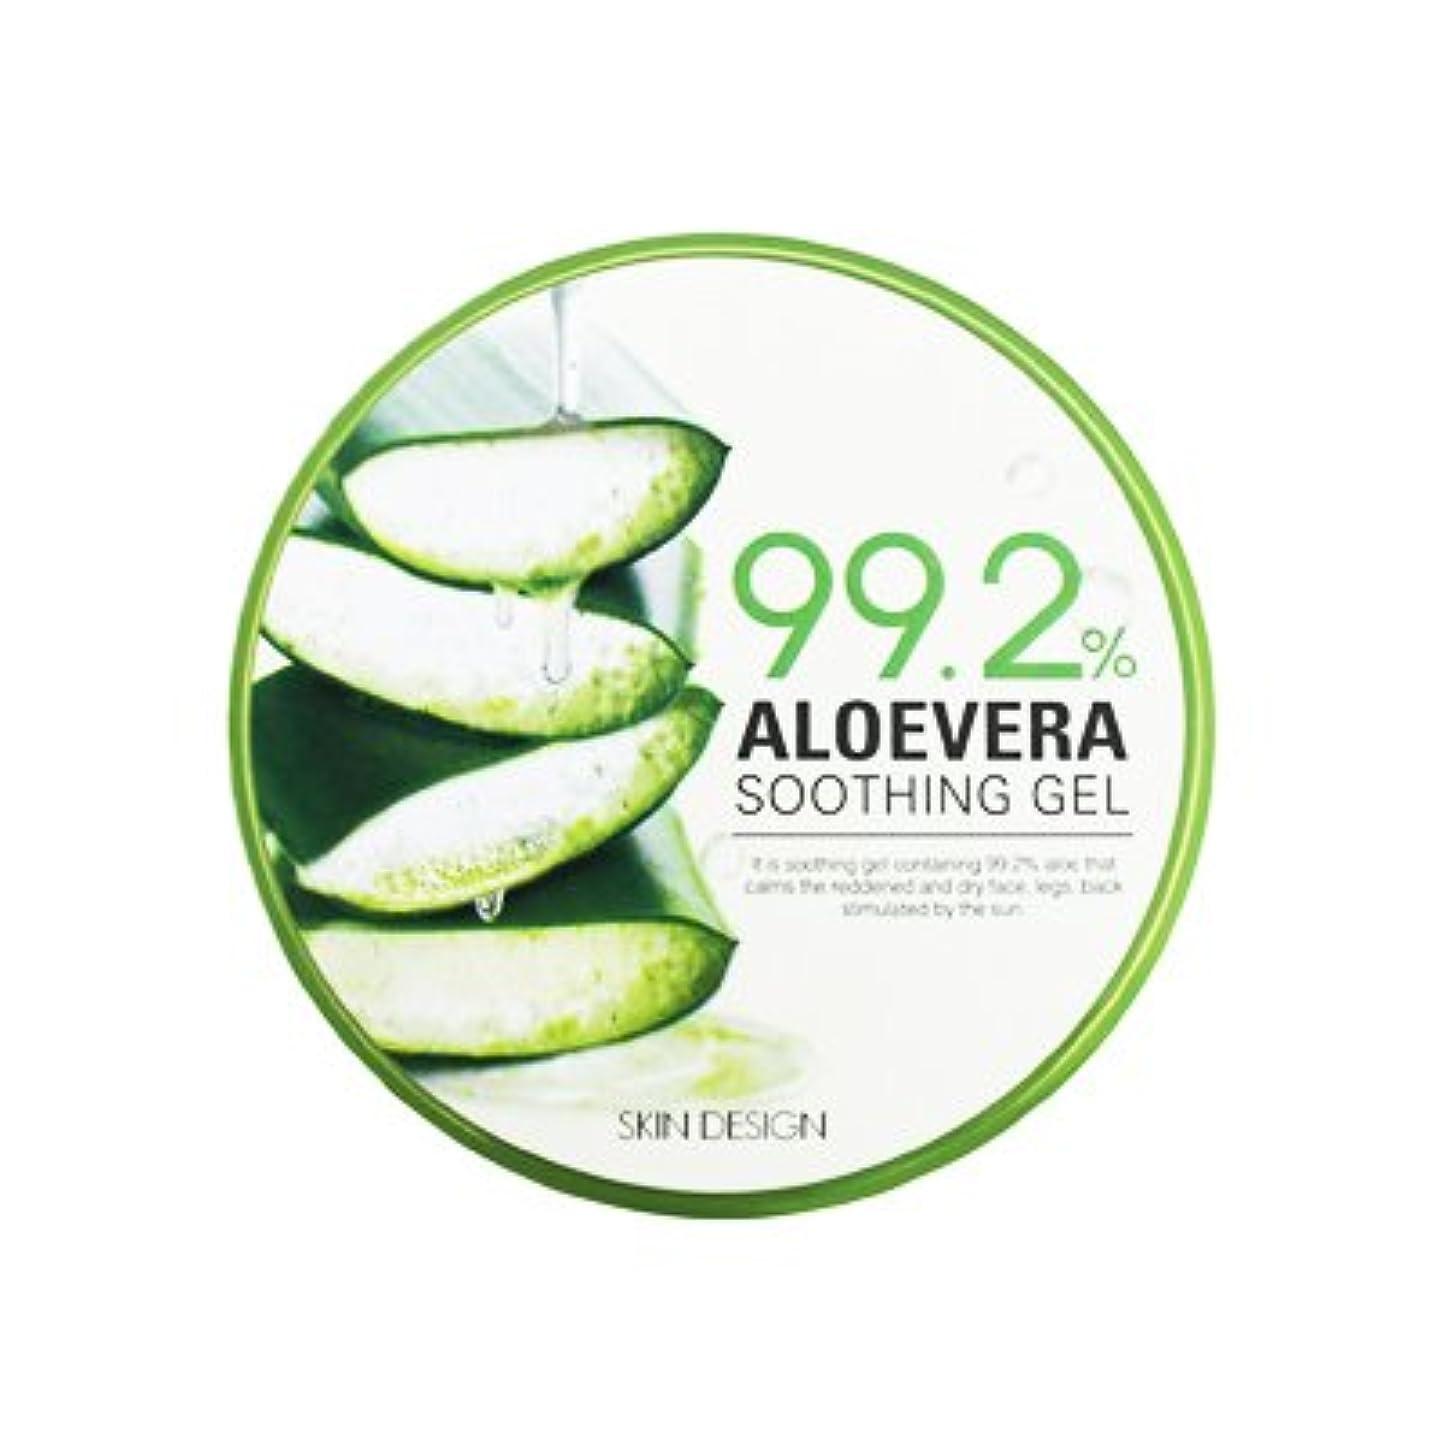 物理学者夕暮れからに変化する【SKIN DESIGN】アロエベラ スージング ジェル99.2% 「300ml」 / ALOEVERA SOOTHING GEL99.2%